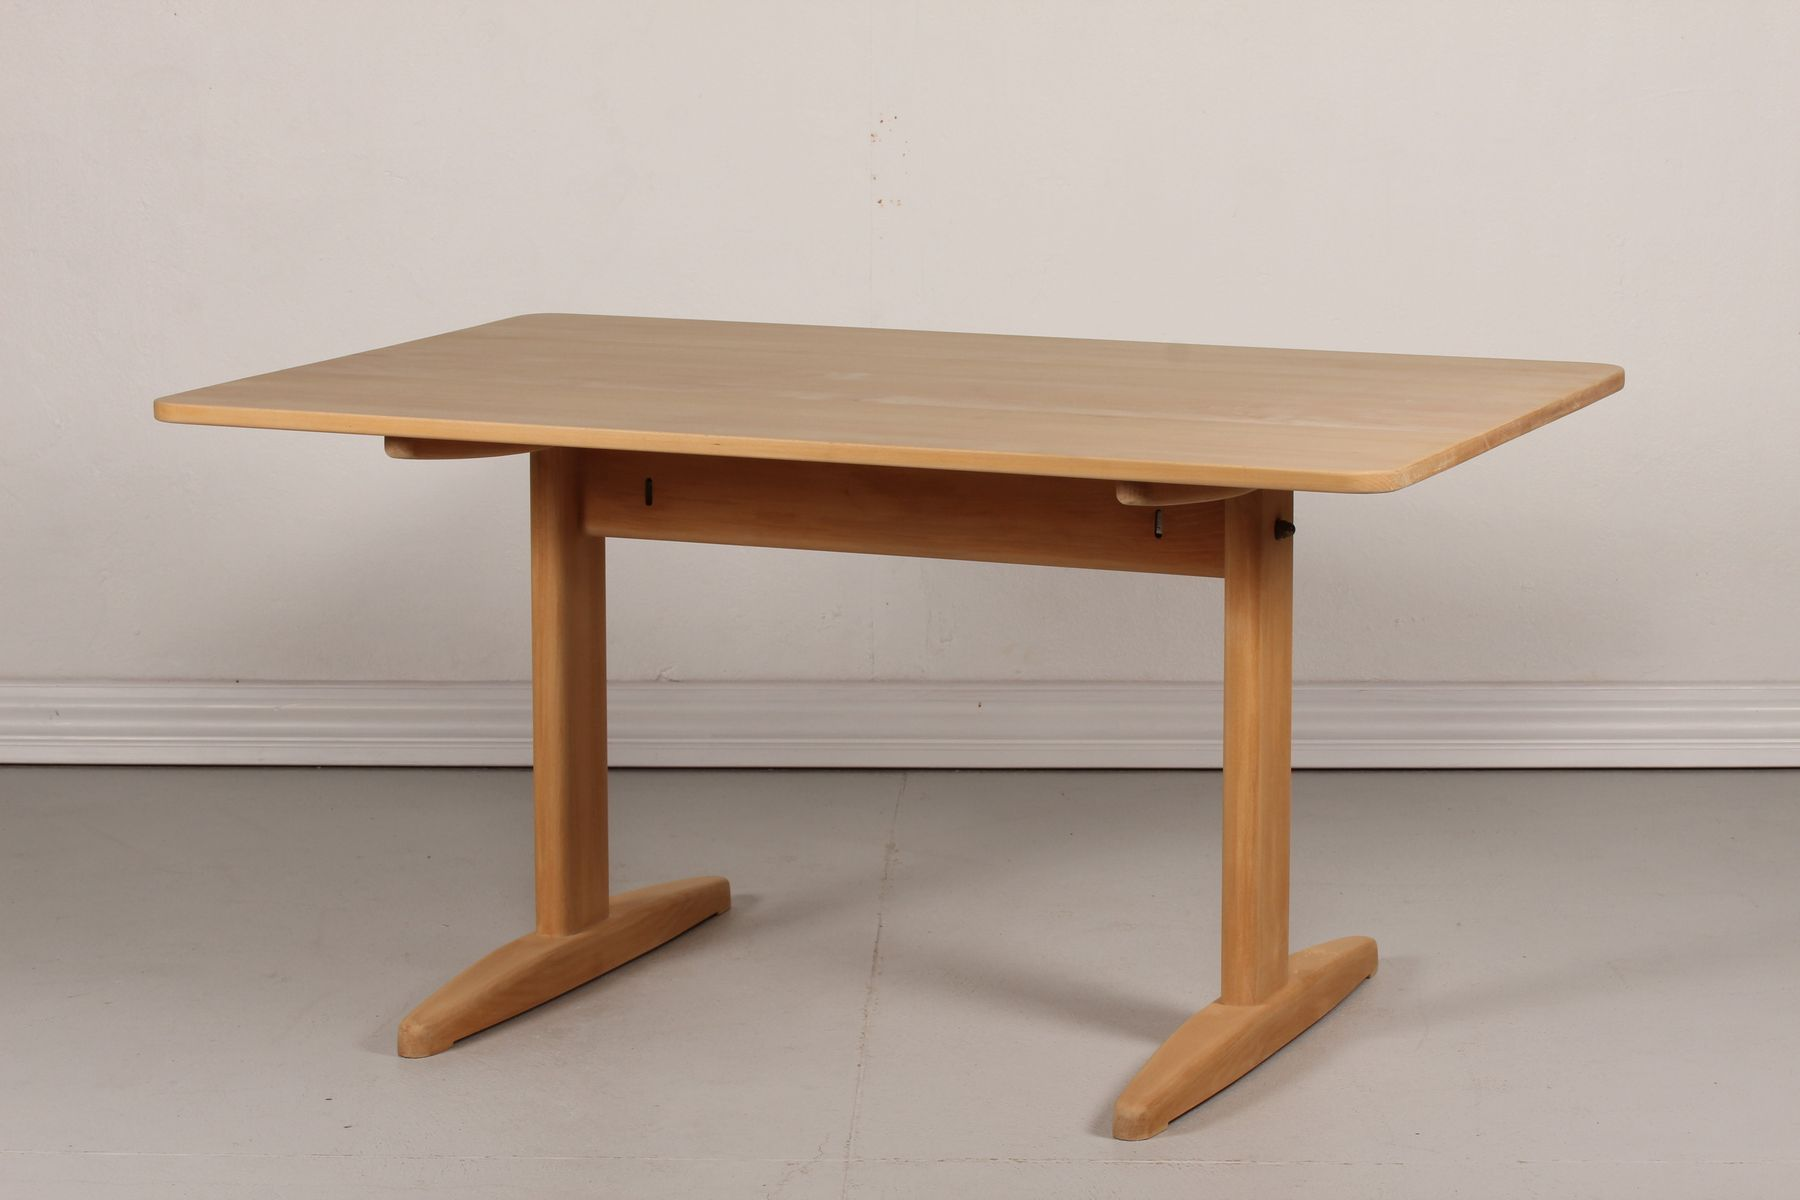 d nischer esstisch aus buche von b rge mogensen f r c m madsen furniture 1970er bei pamono kaufen. Black Bedroom Furniture Sets. Home Design Ideas